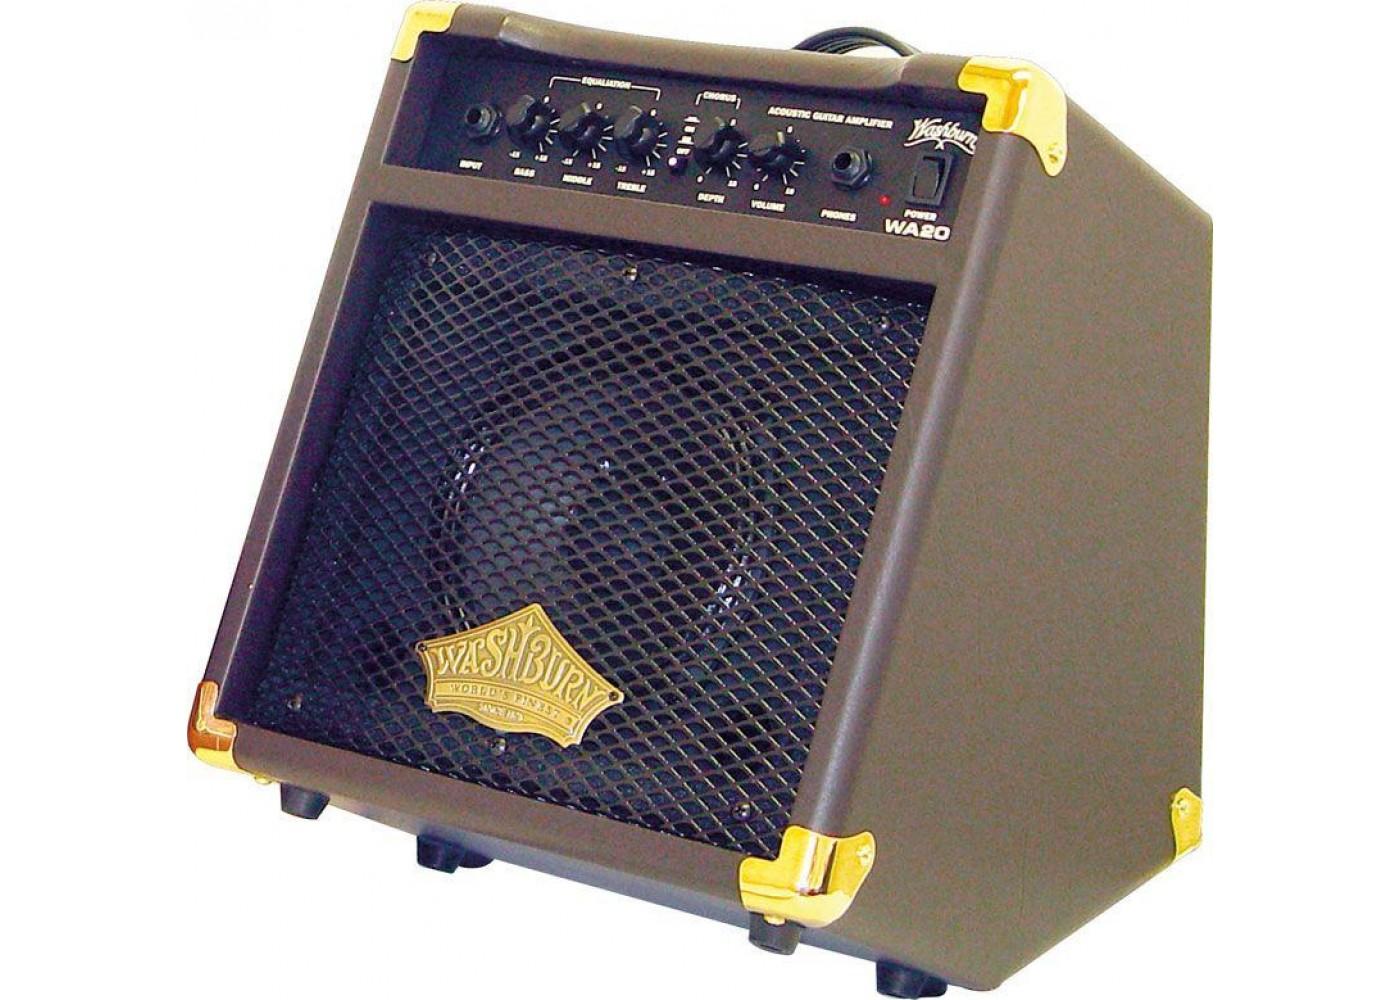 Washburn WA20 20 Watt 6.5 Acoustic Amp